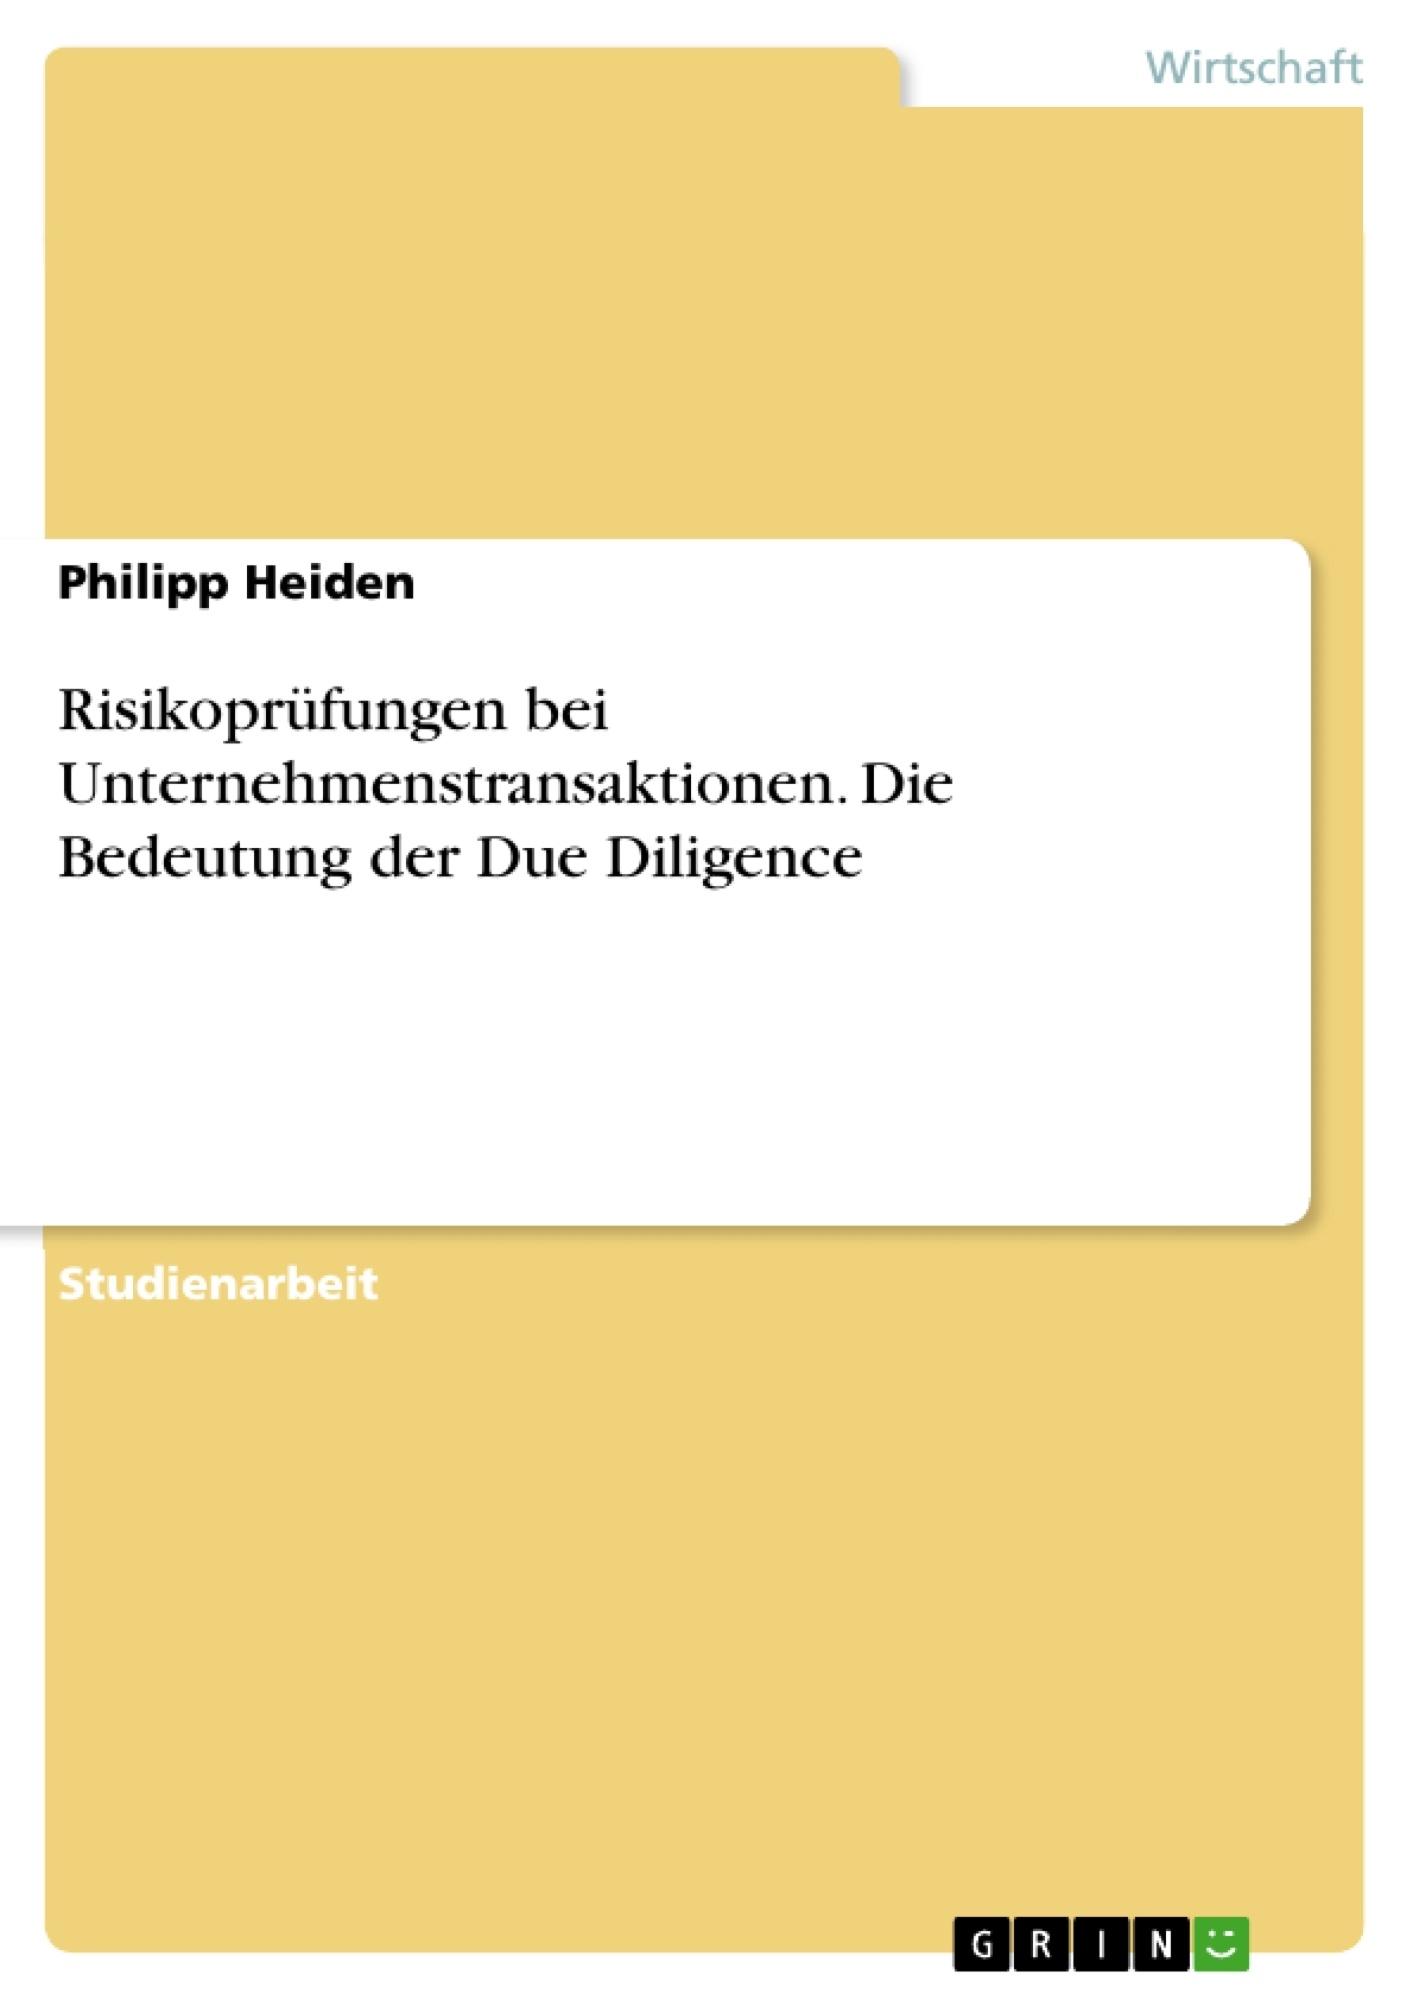 Titel: Risikoprüfungen bei Unternehmenstransaktionen. Die Bedeutung der Due Diligence